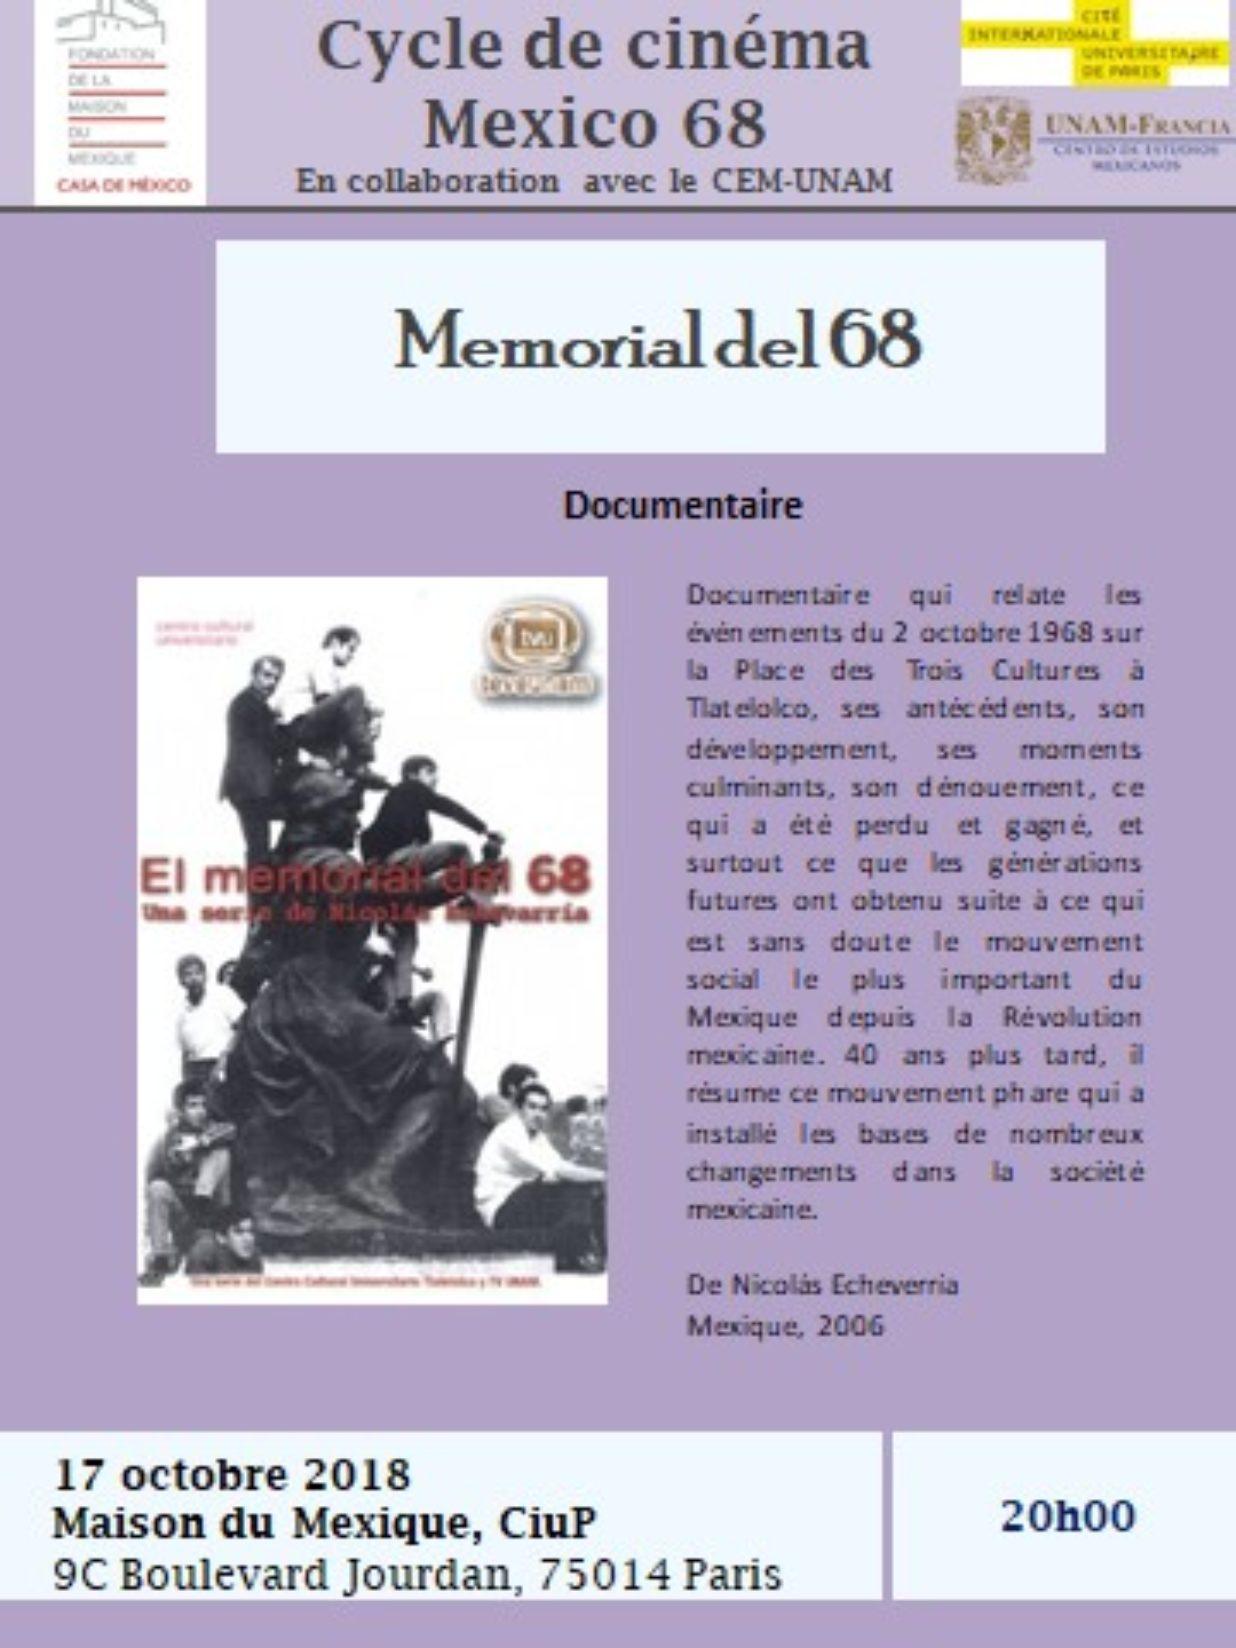 Mexico 68 17 octobre